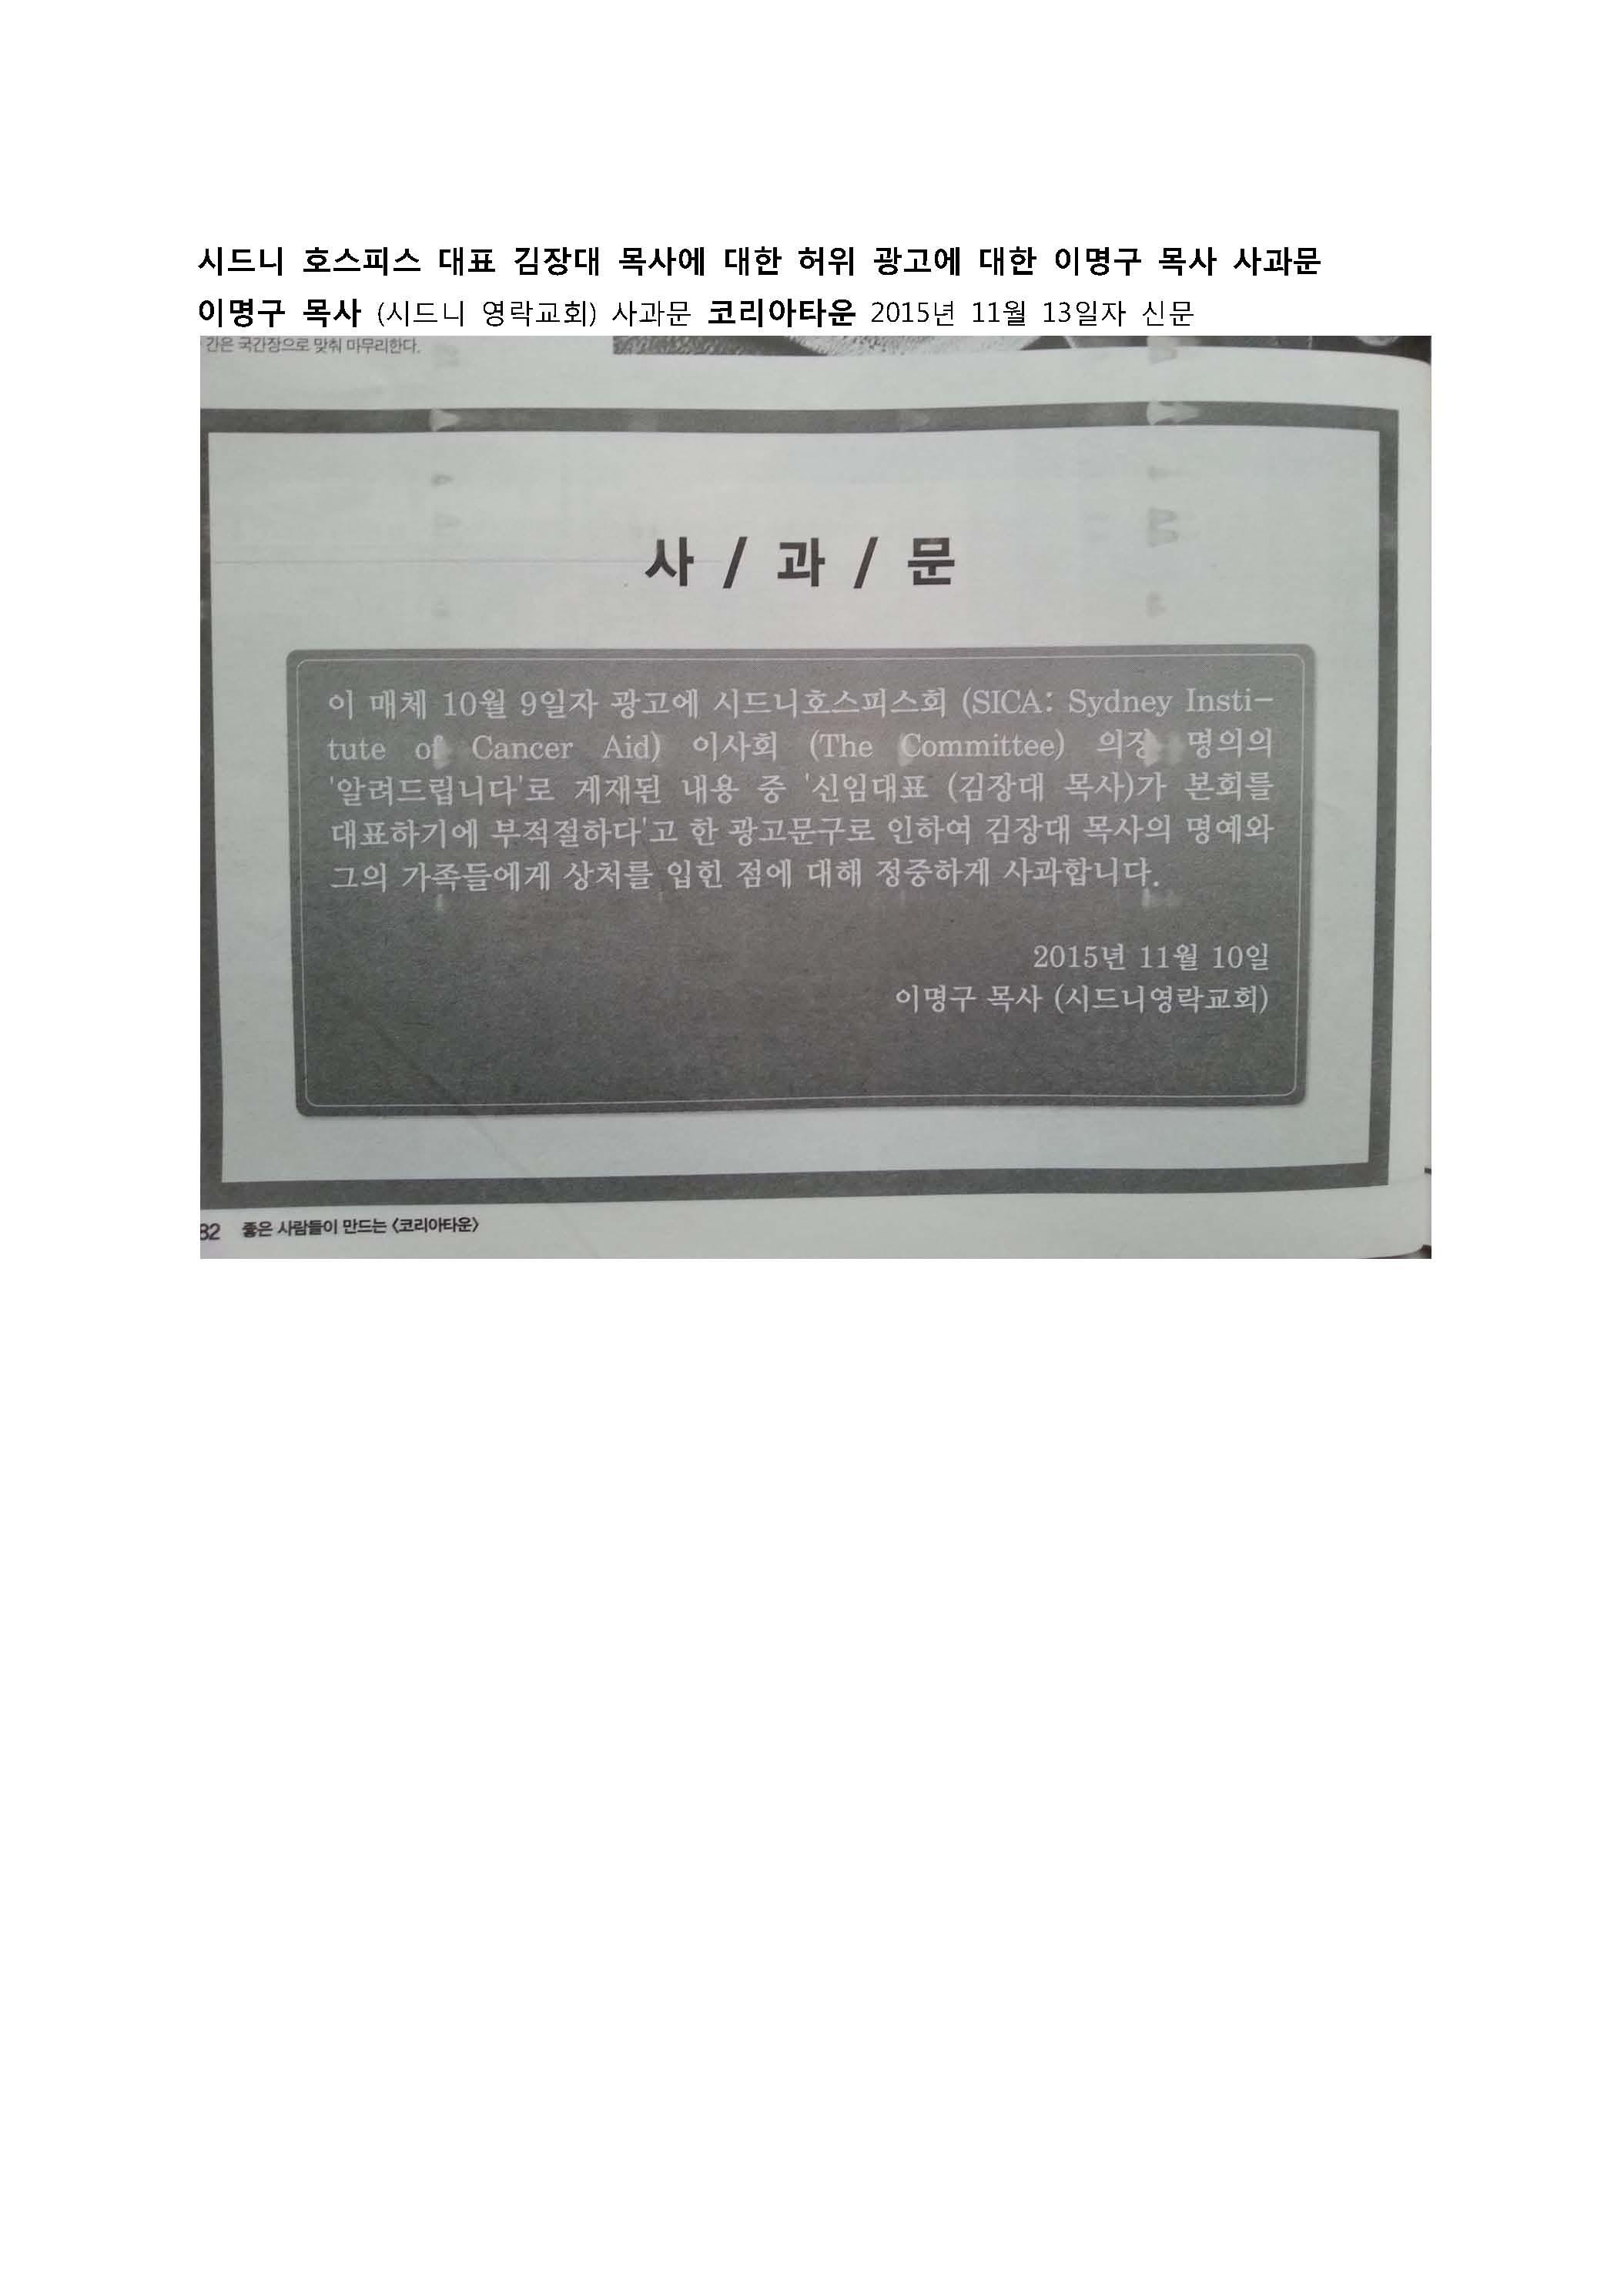 시드니 호스피스 대표 김장대 목사에 대한 허위 광고에 대한 이명구 목사 사과문